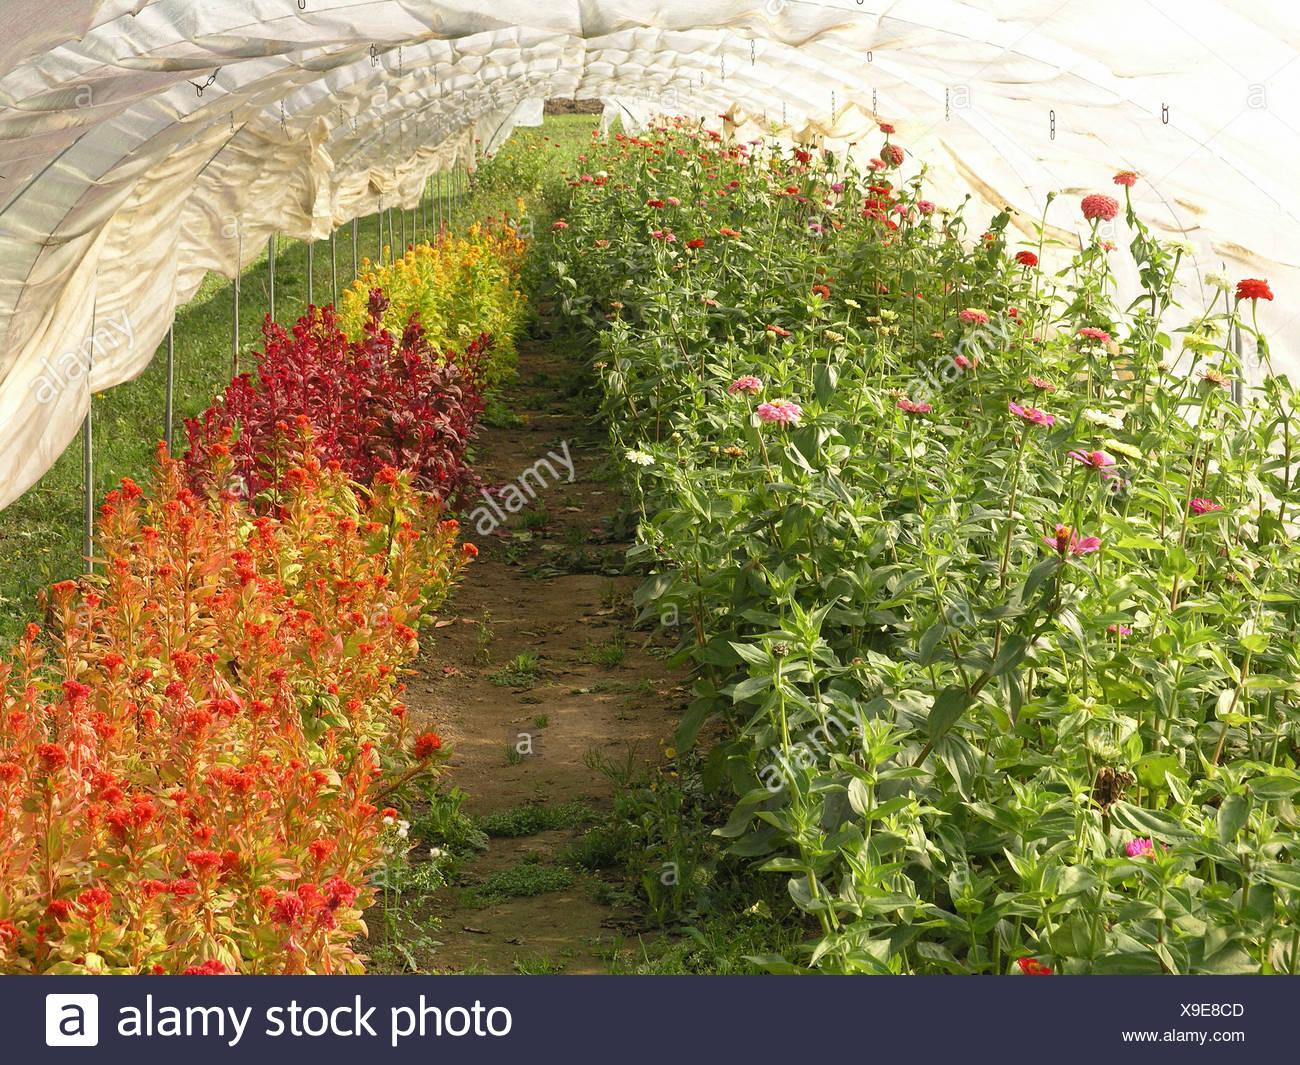 Schweiz Grtnerei Abdeckung Abgedeckt Pflanzen Feld Landwirtschaft Gewchshausgartenarbeit Innerhalb Blumen Blte